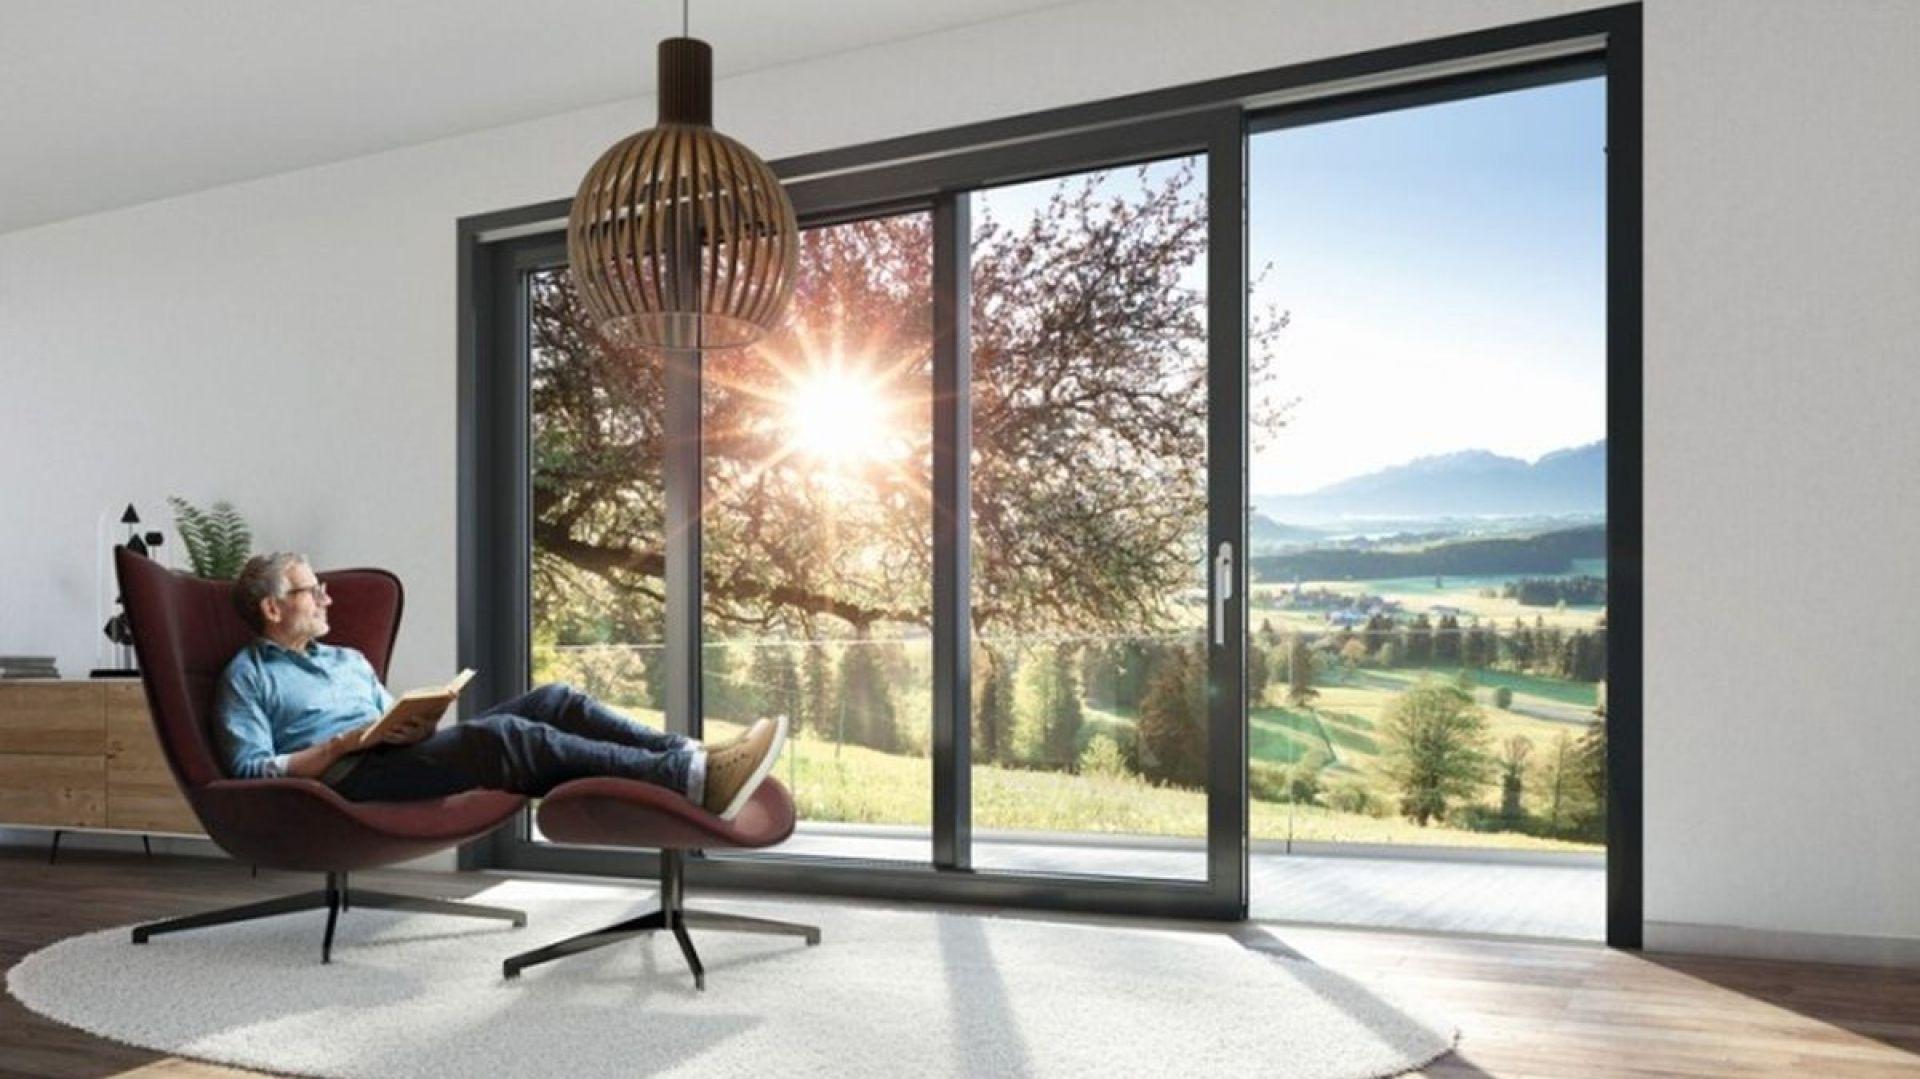 Wielkoformatowe drzwi podnoszono-przesuwne Schüco LivIngSlide z PVC-U. Fot. Schüco